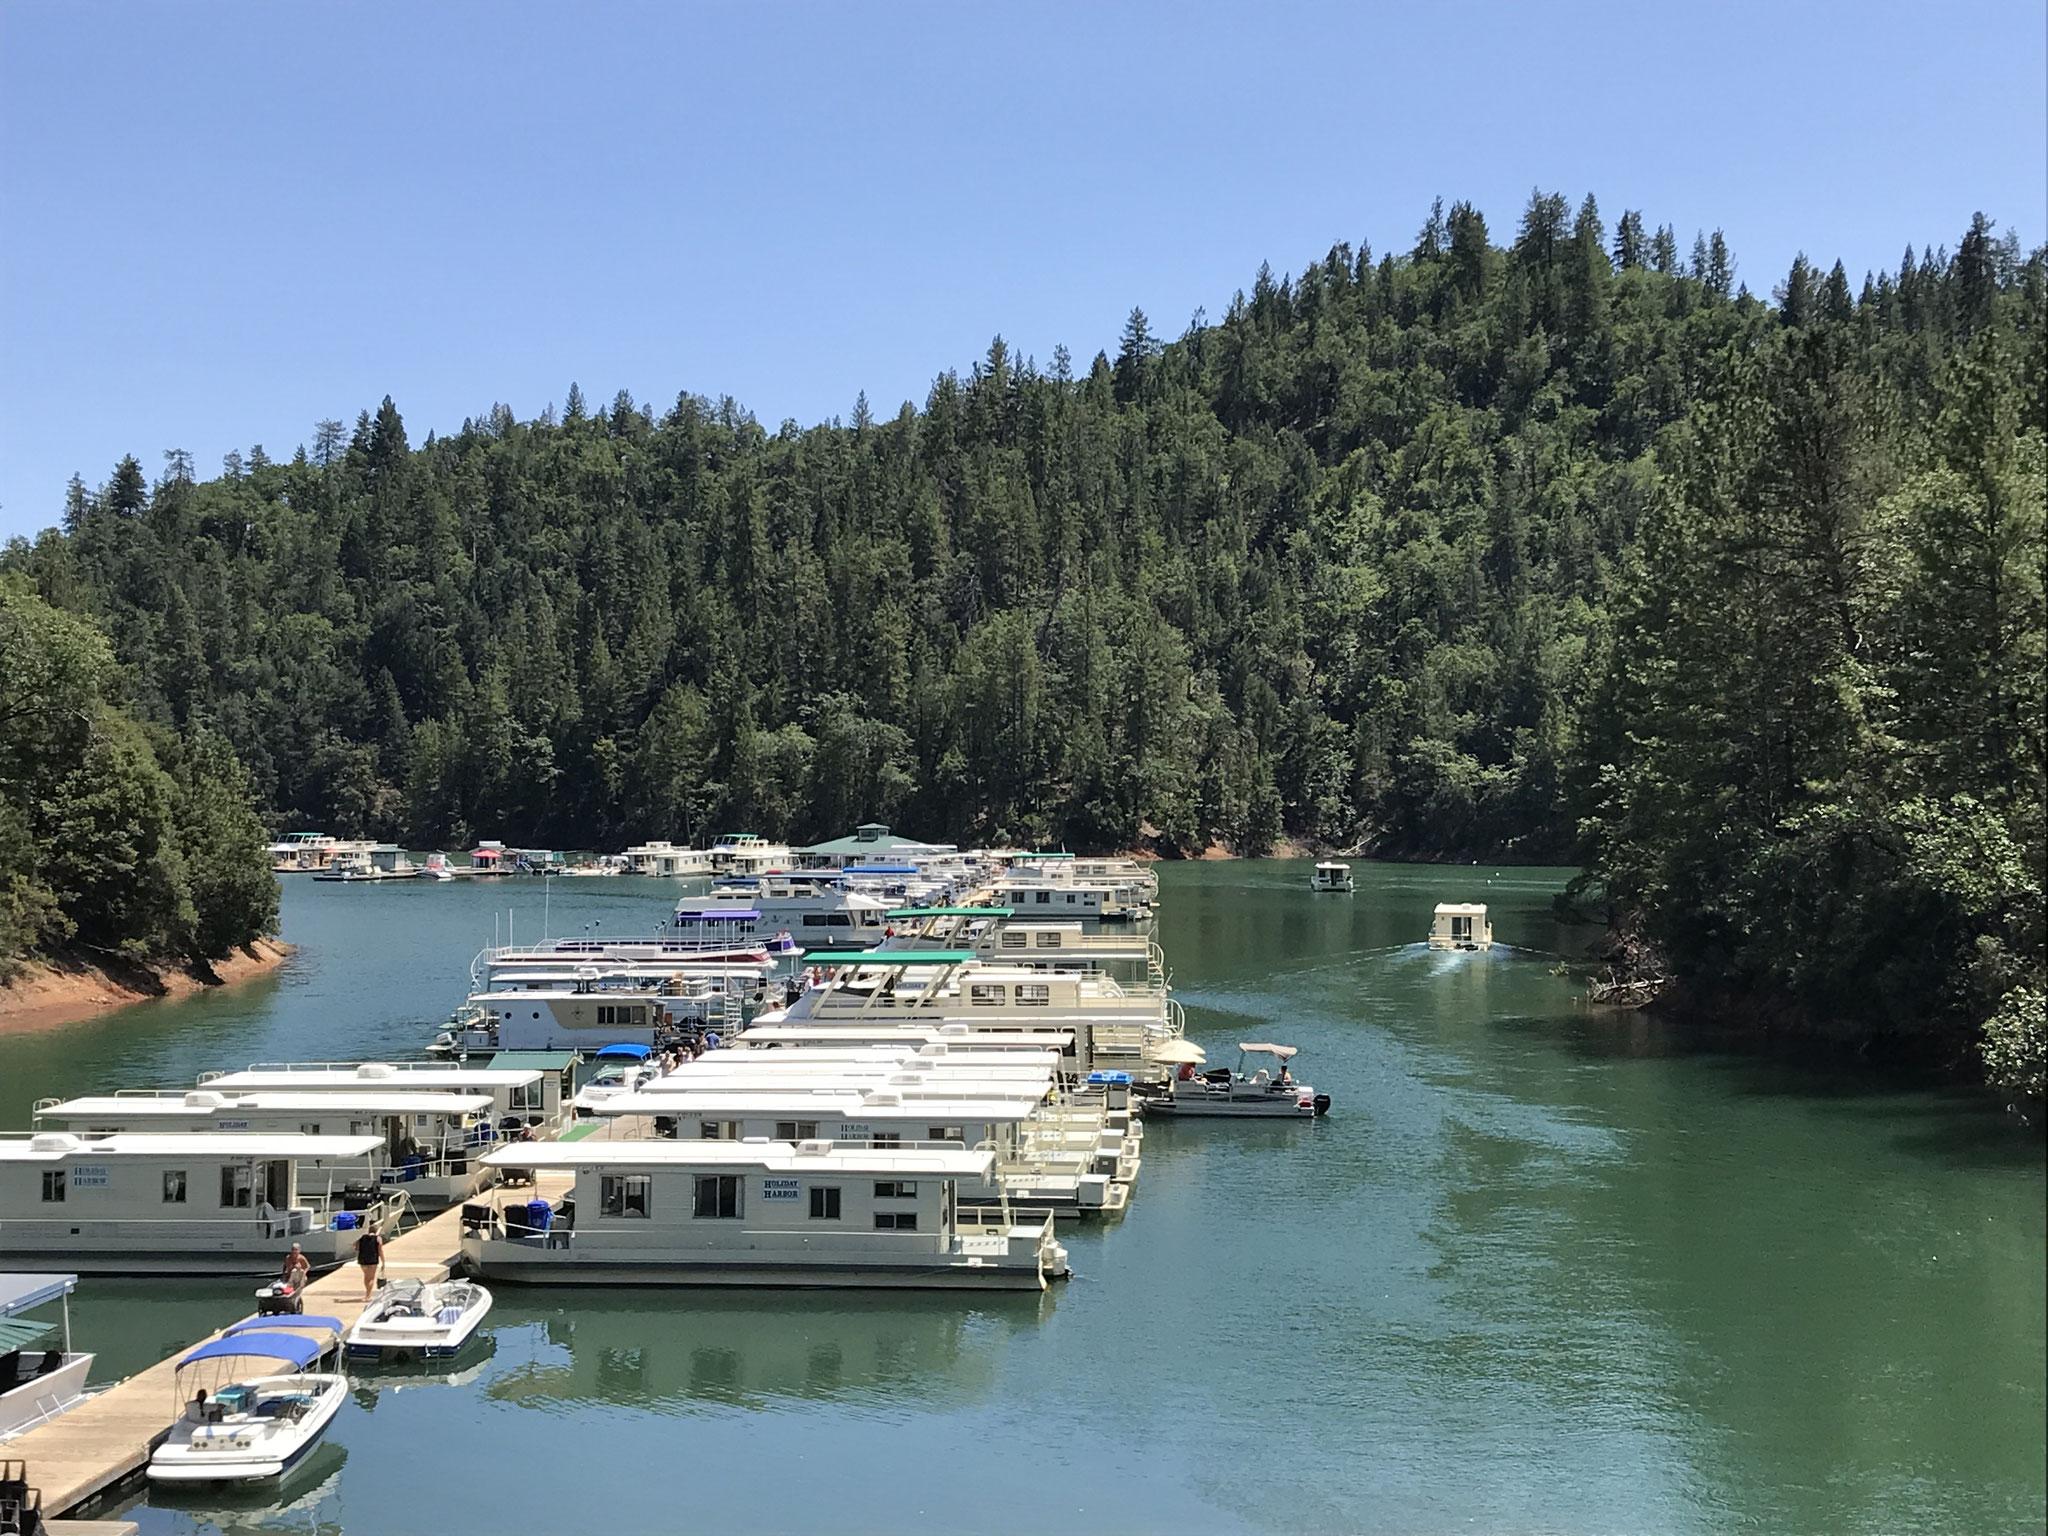 Auf dem Weg nach Dunsmuir kamen wir an einigen Stauseen vorbei, unter anderem am sehr grossen und viel verzweigten Shasta Lake, wo man auf Hausbooten Ferien machen kann.